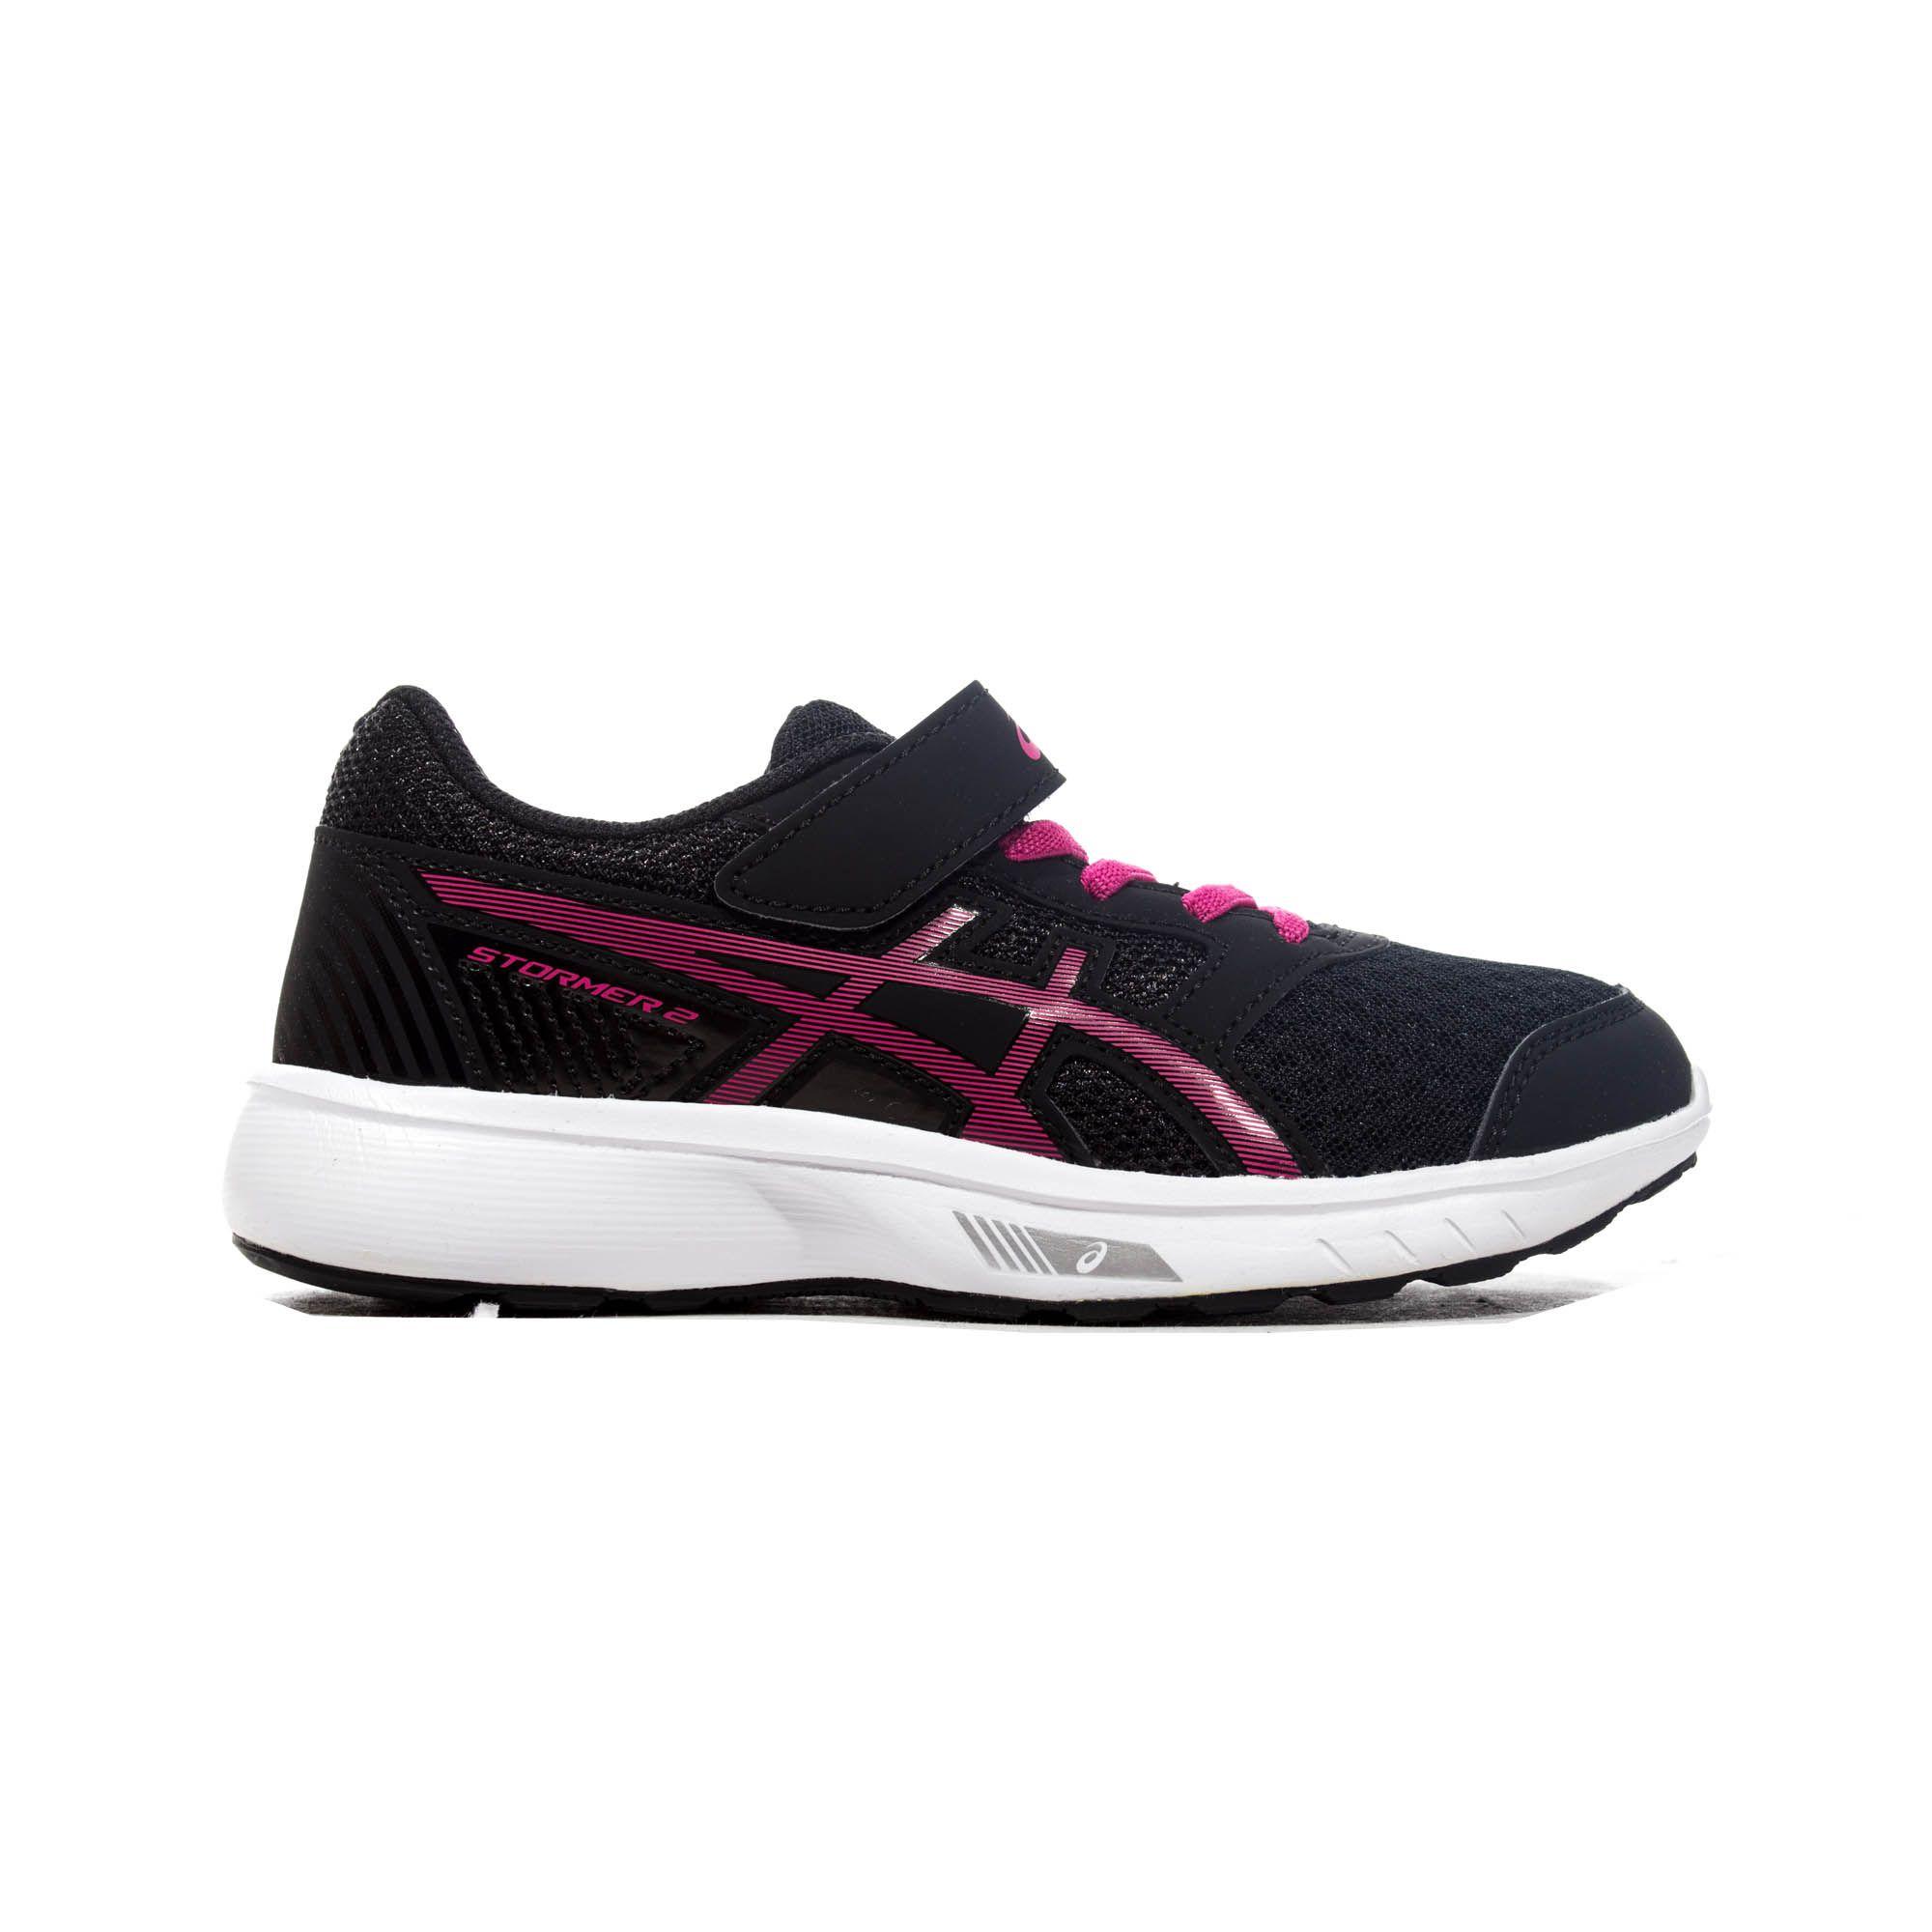 Asics Stormer 2 Junior Running Trainer Black/Pink